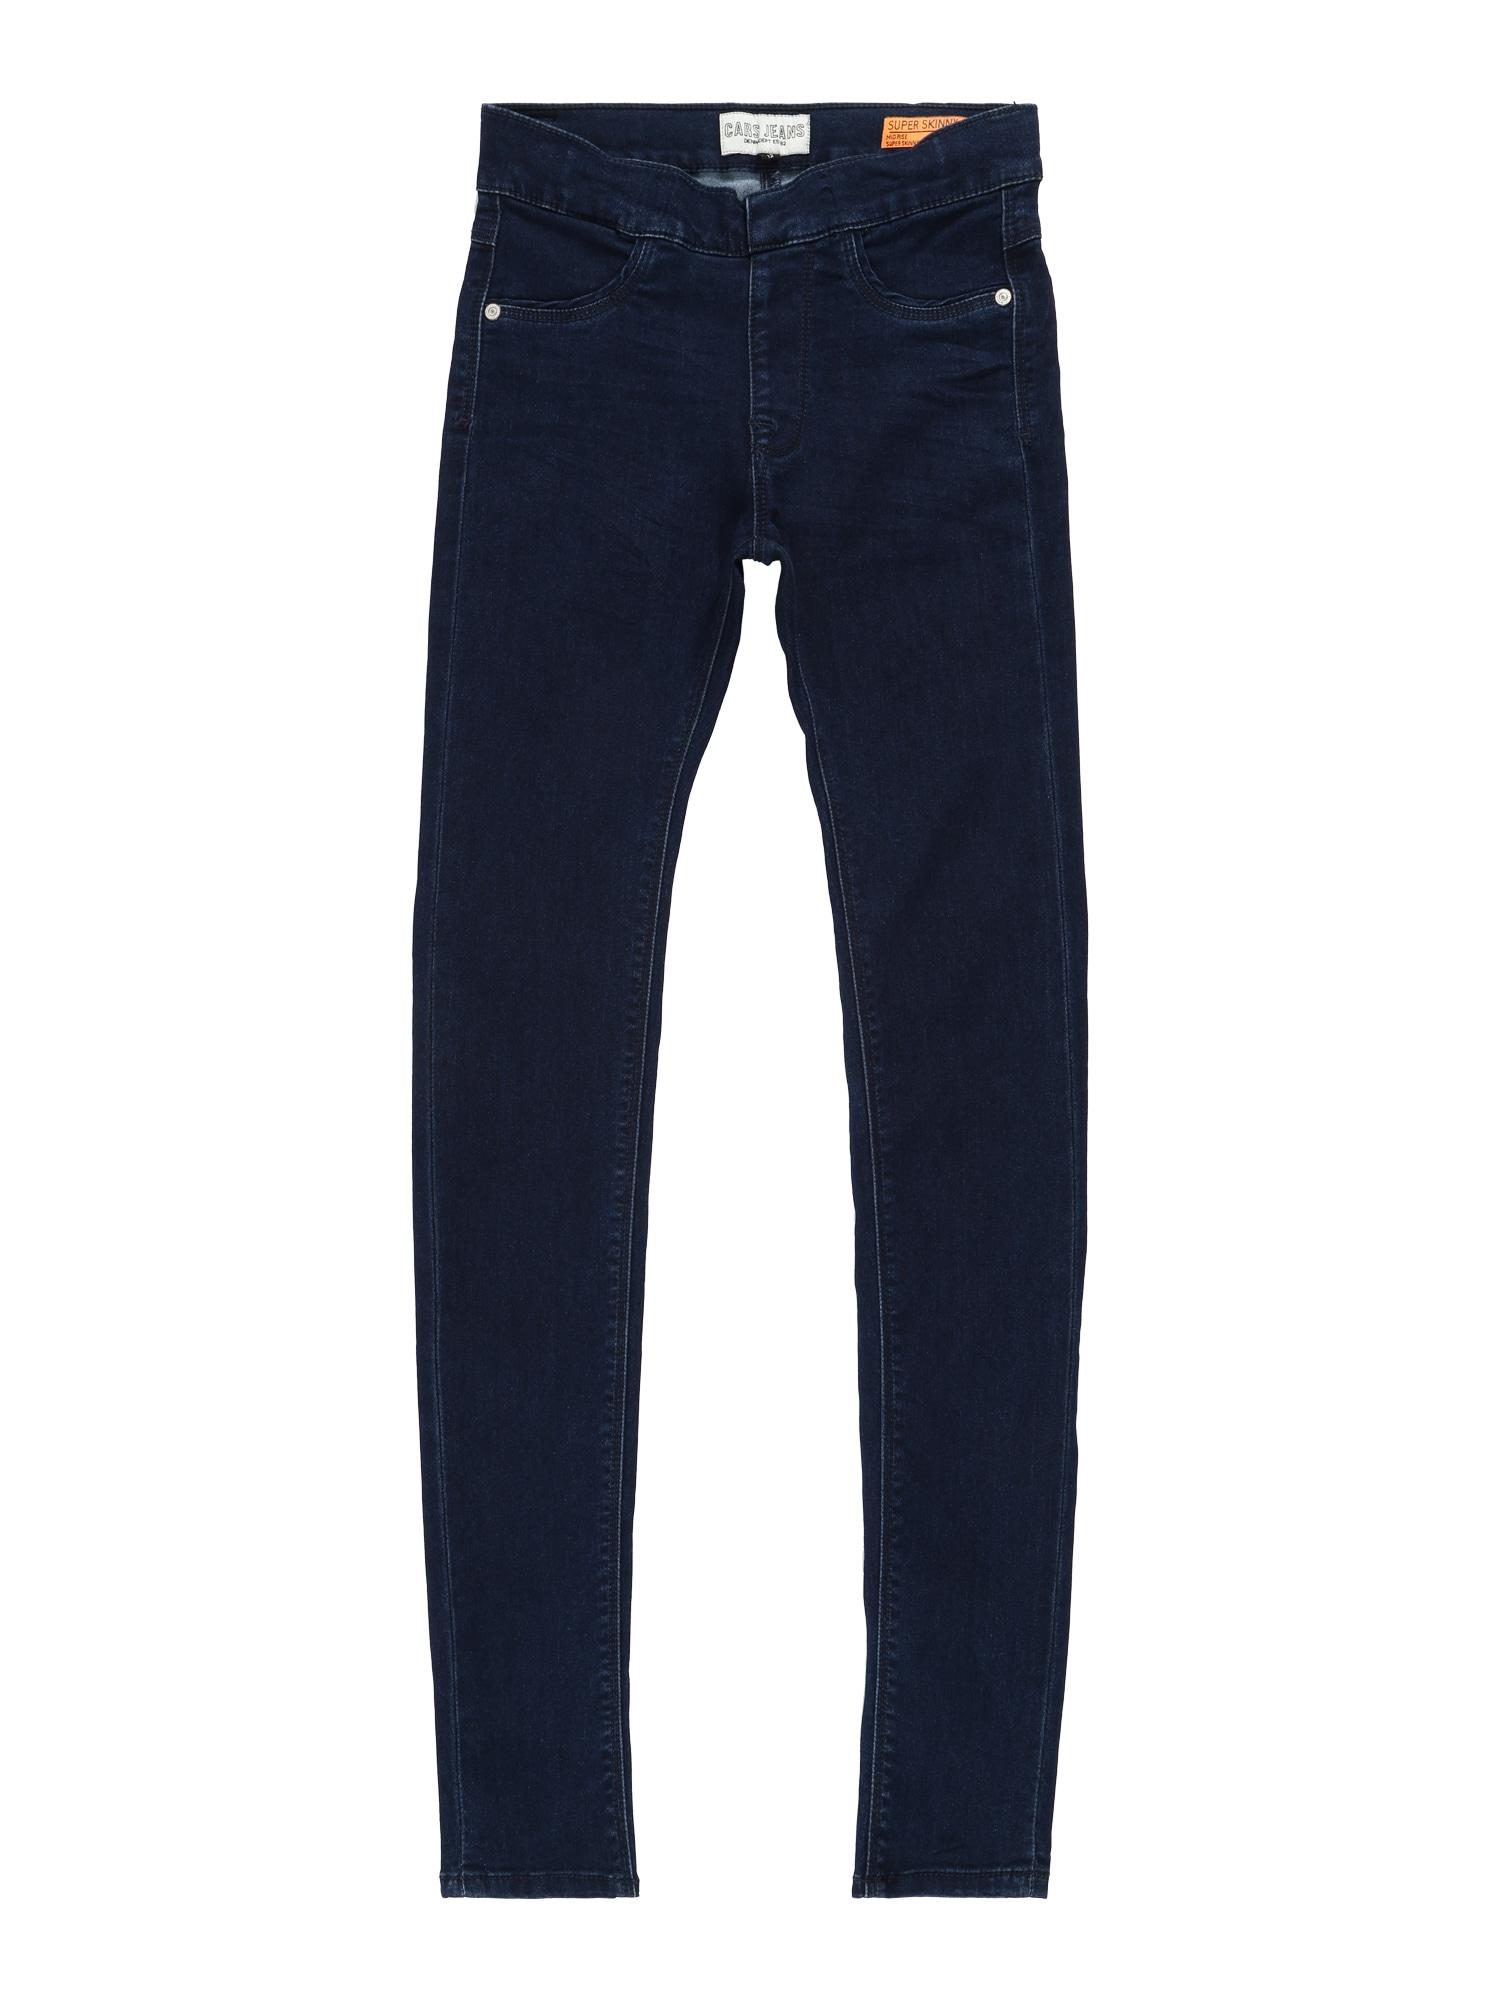 Cars Jeans Džinsai tamsiai (džinso) mėlyna